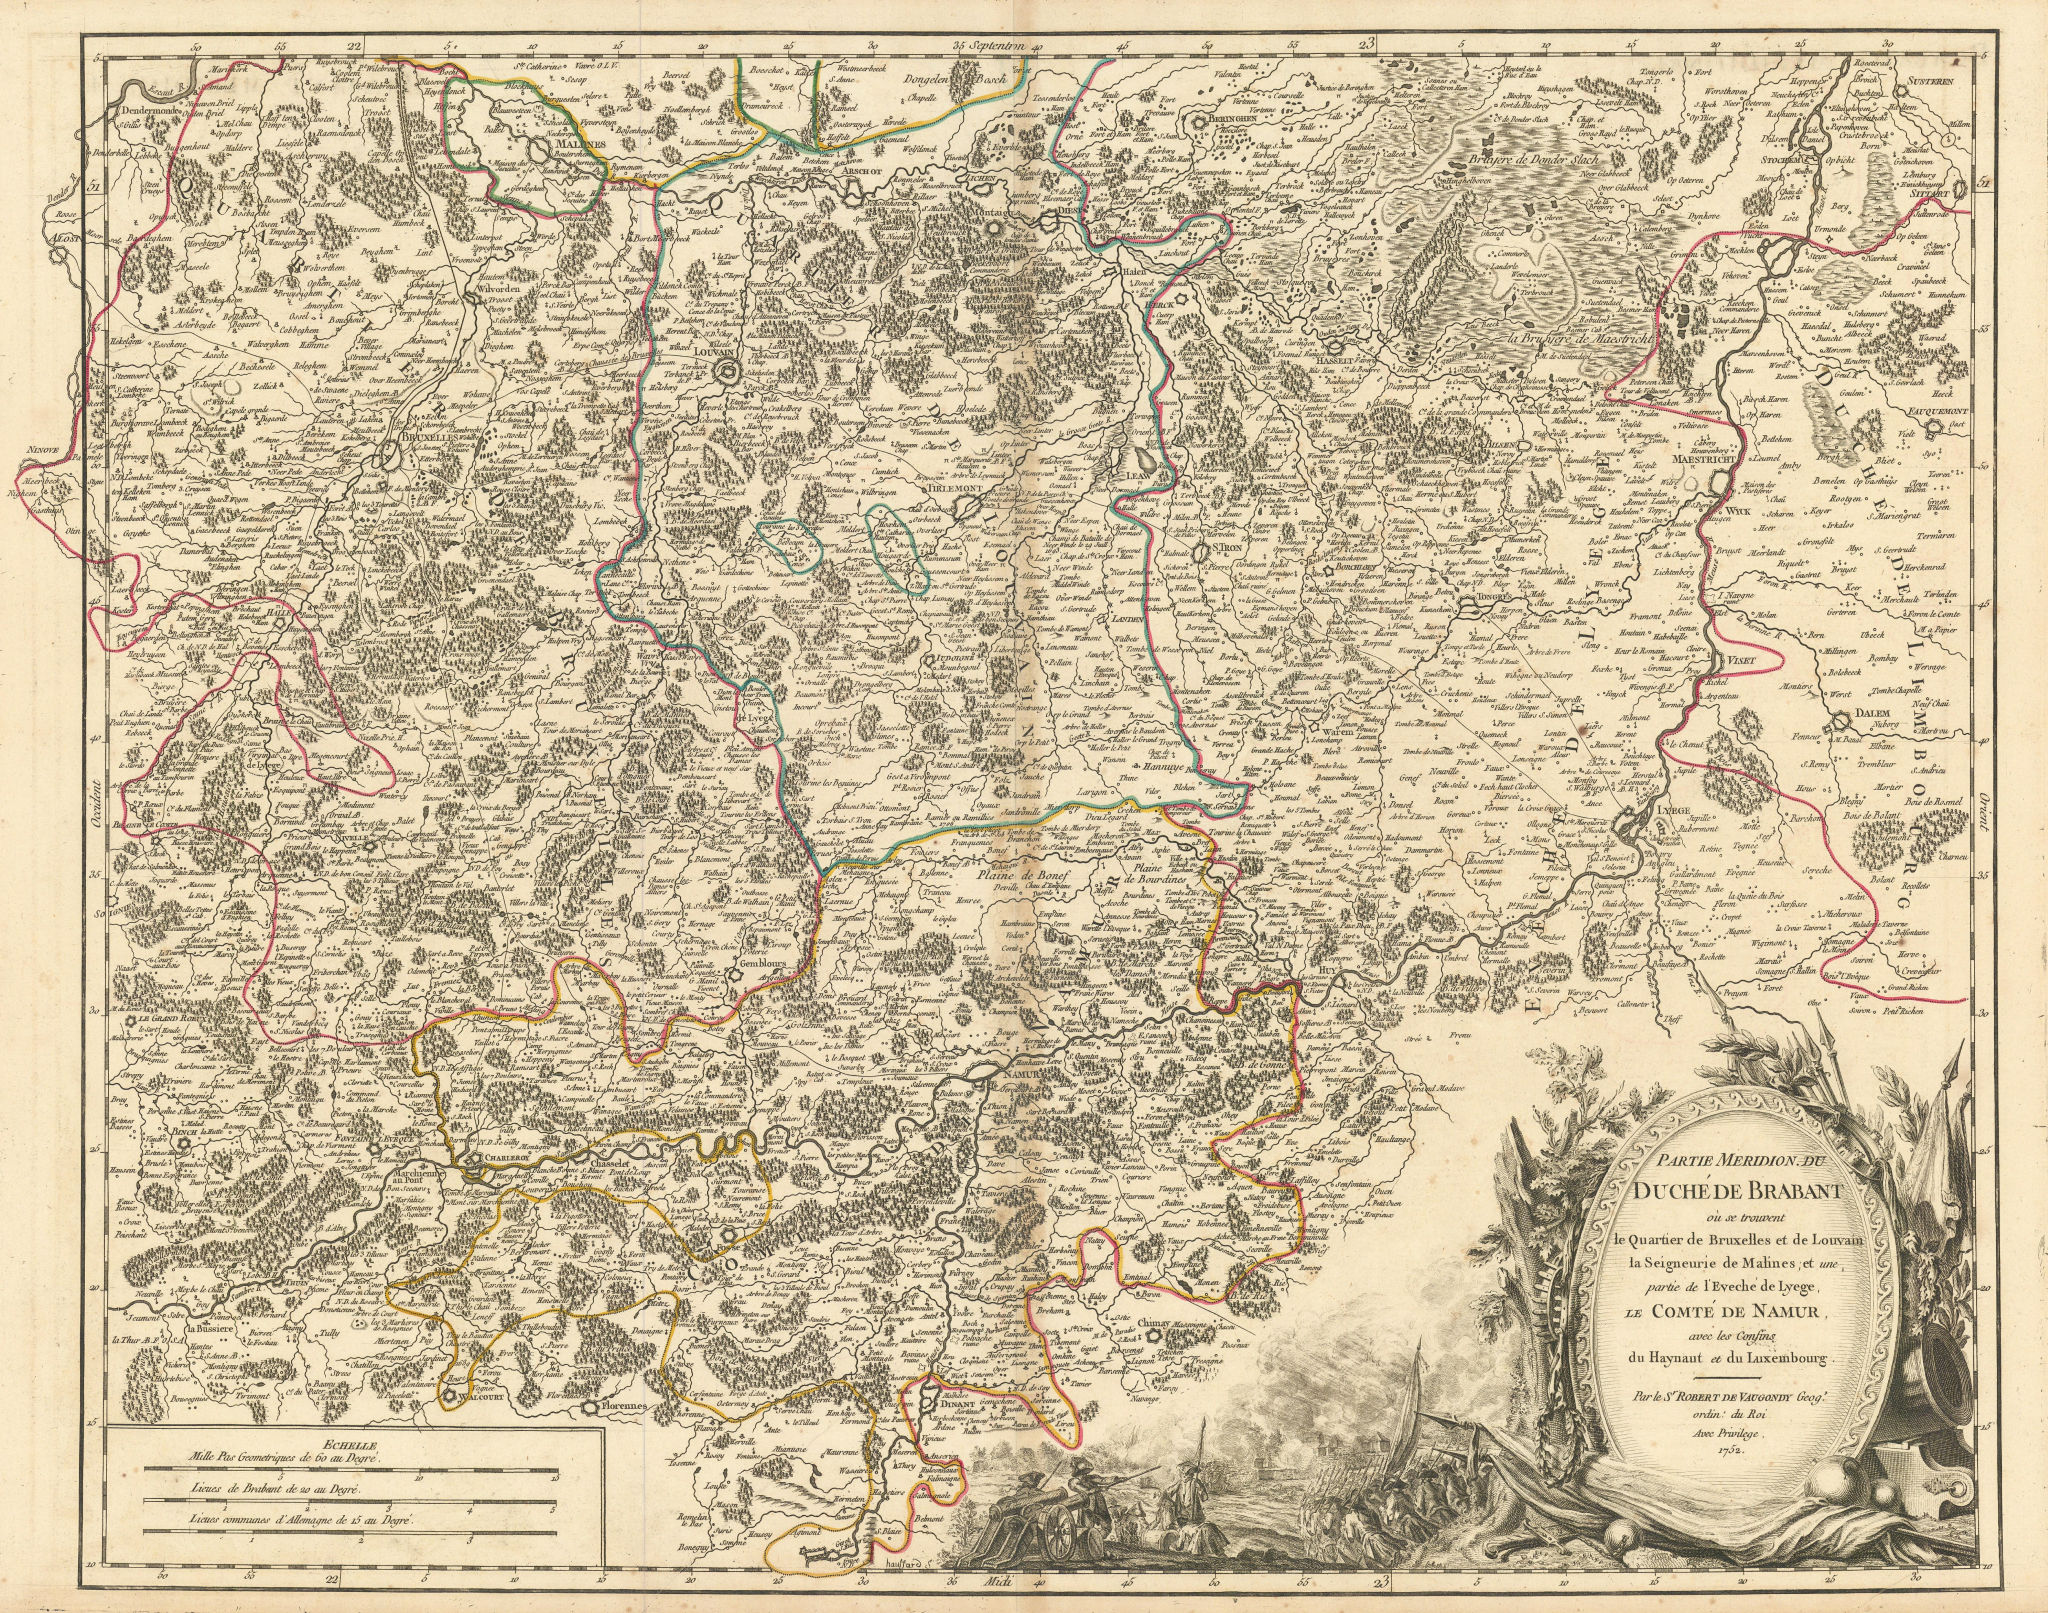 """""""Partie Meridion. du Duché de Brabant"""". Belgium South Brabant. VAUGONDY 1752 map"""